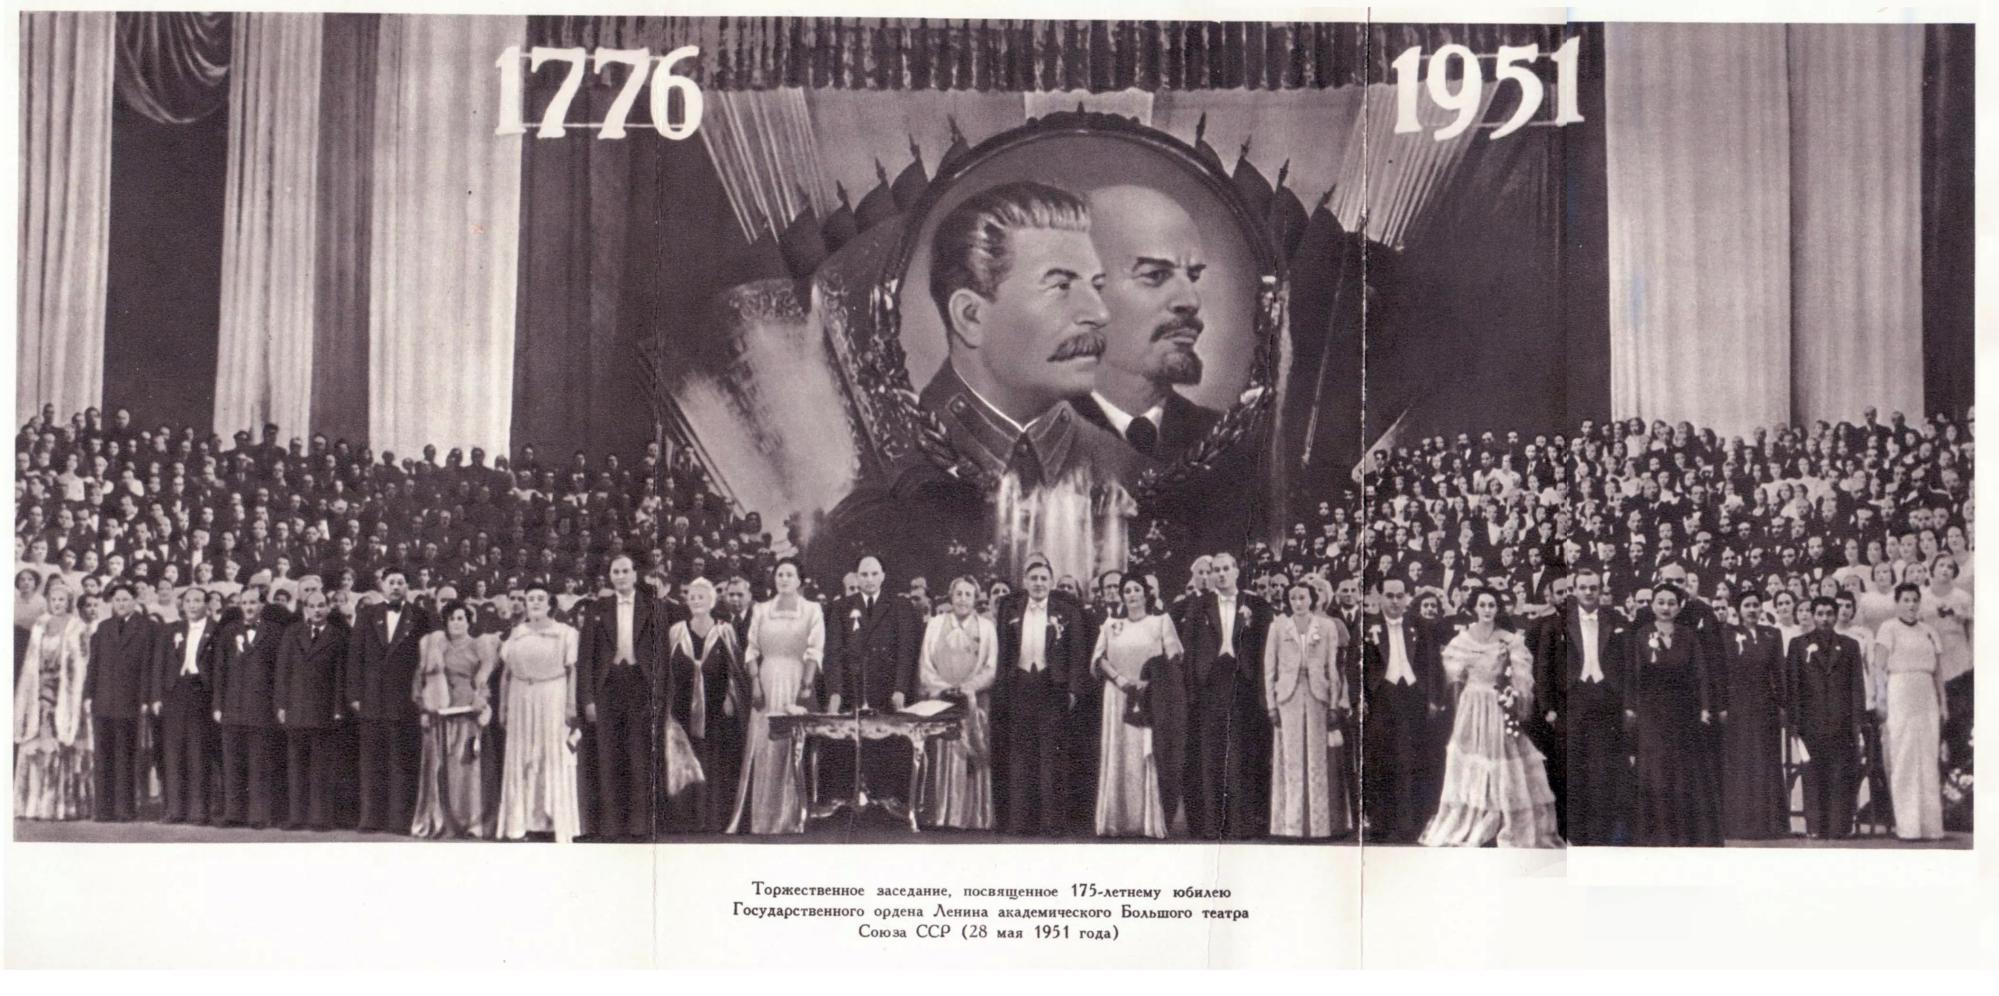 Юбилей Большого театра